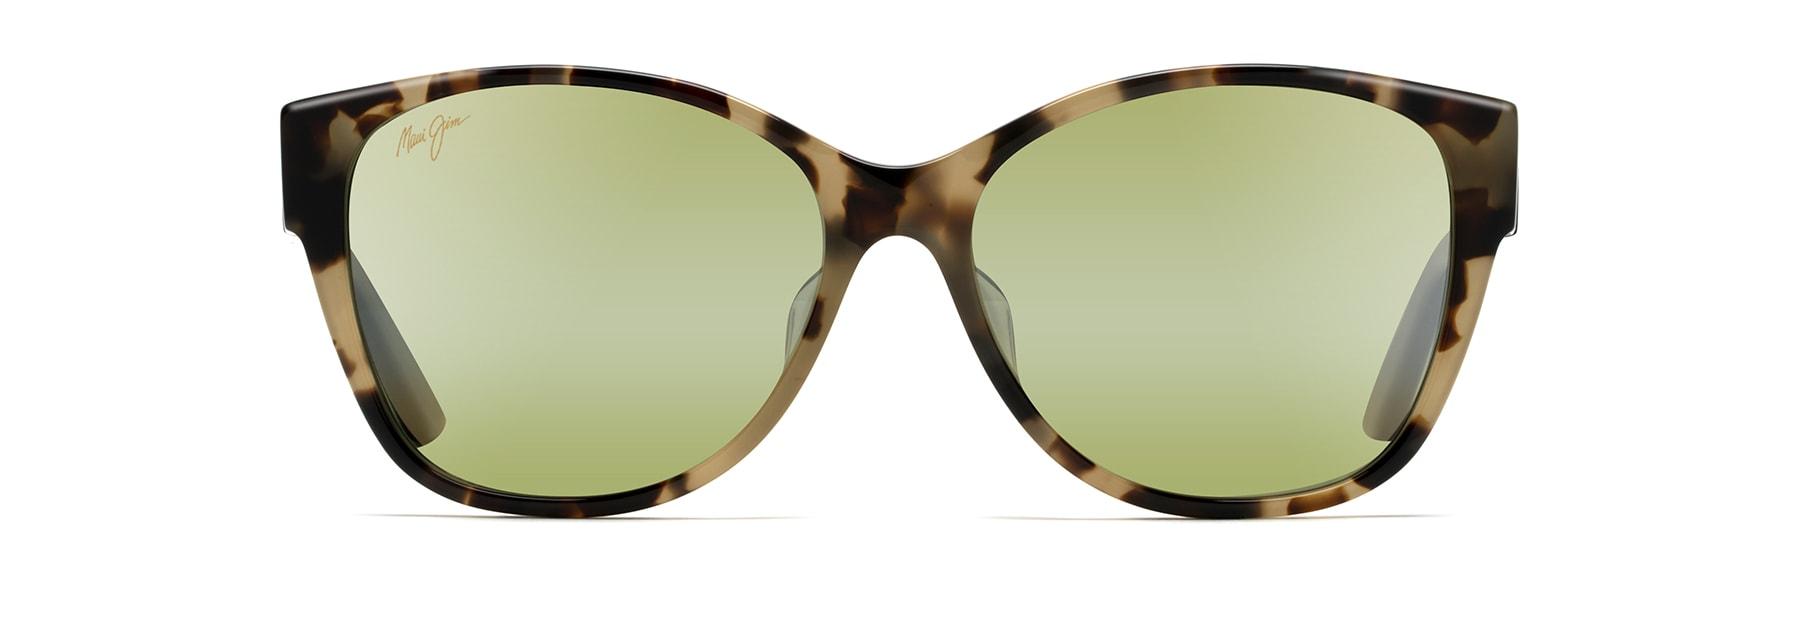 40d9ed1206e Summer Time Polarised Sunglasses